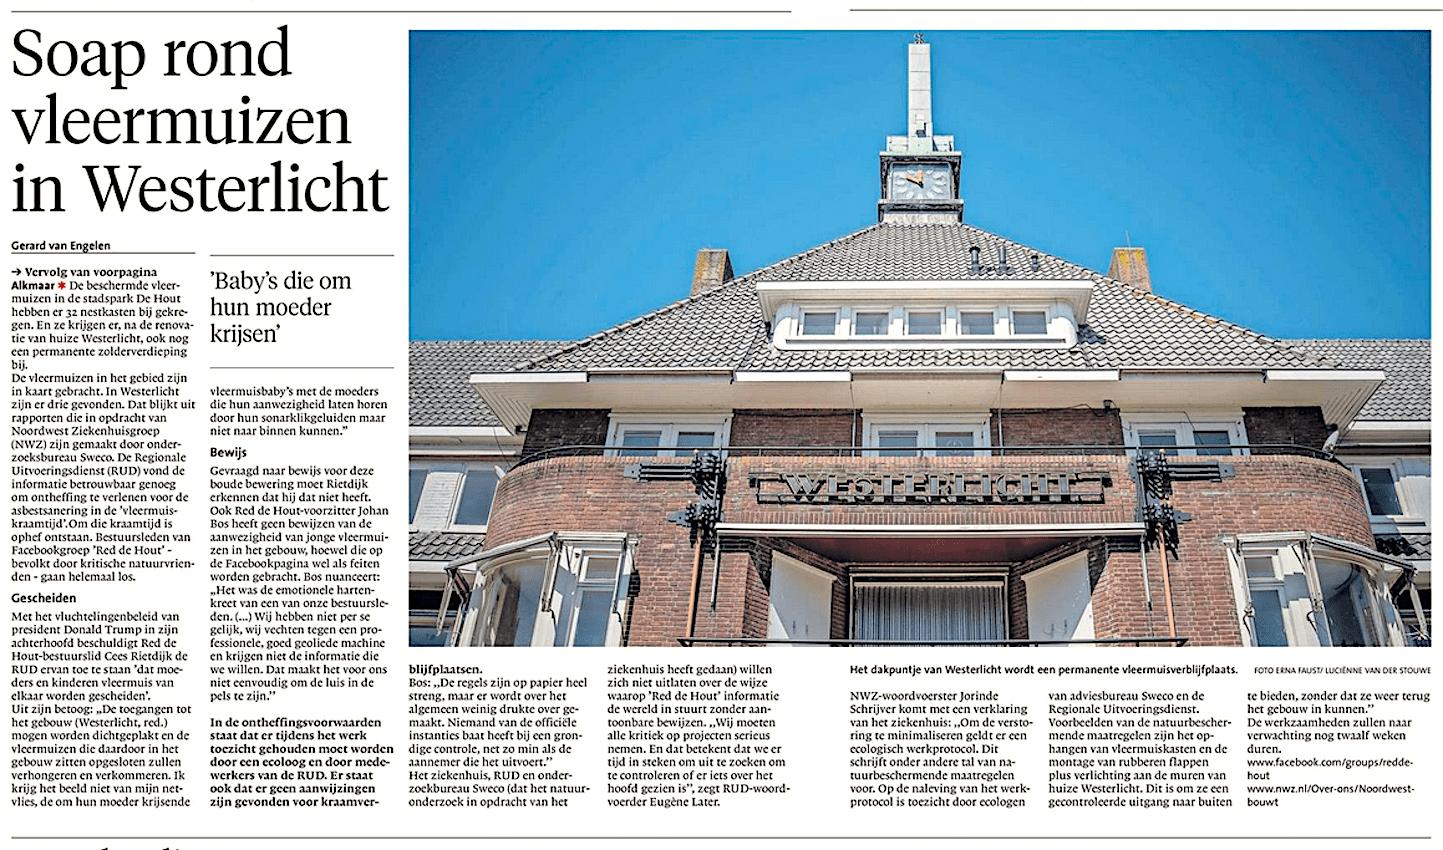 Alkmaarse Courant, 5 juli 2018